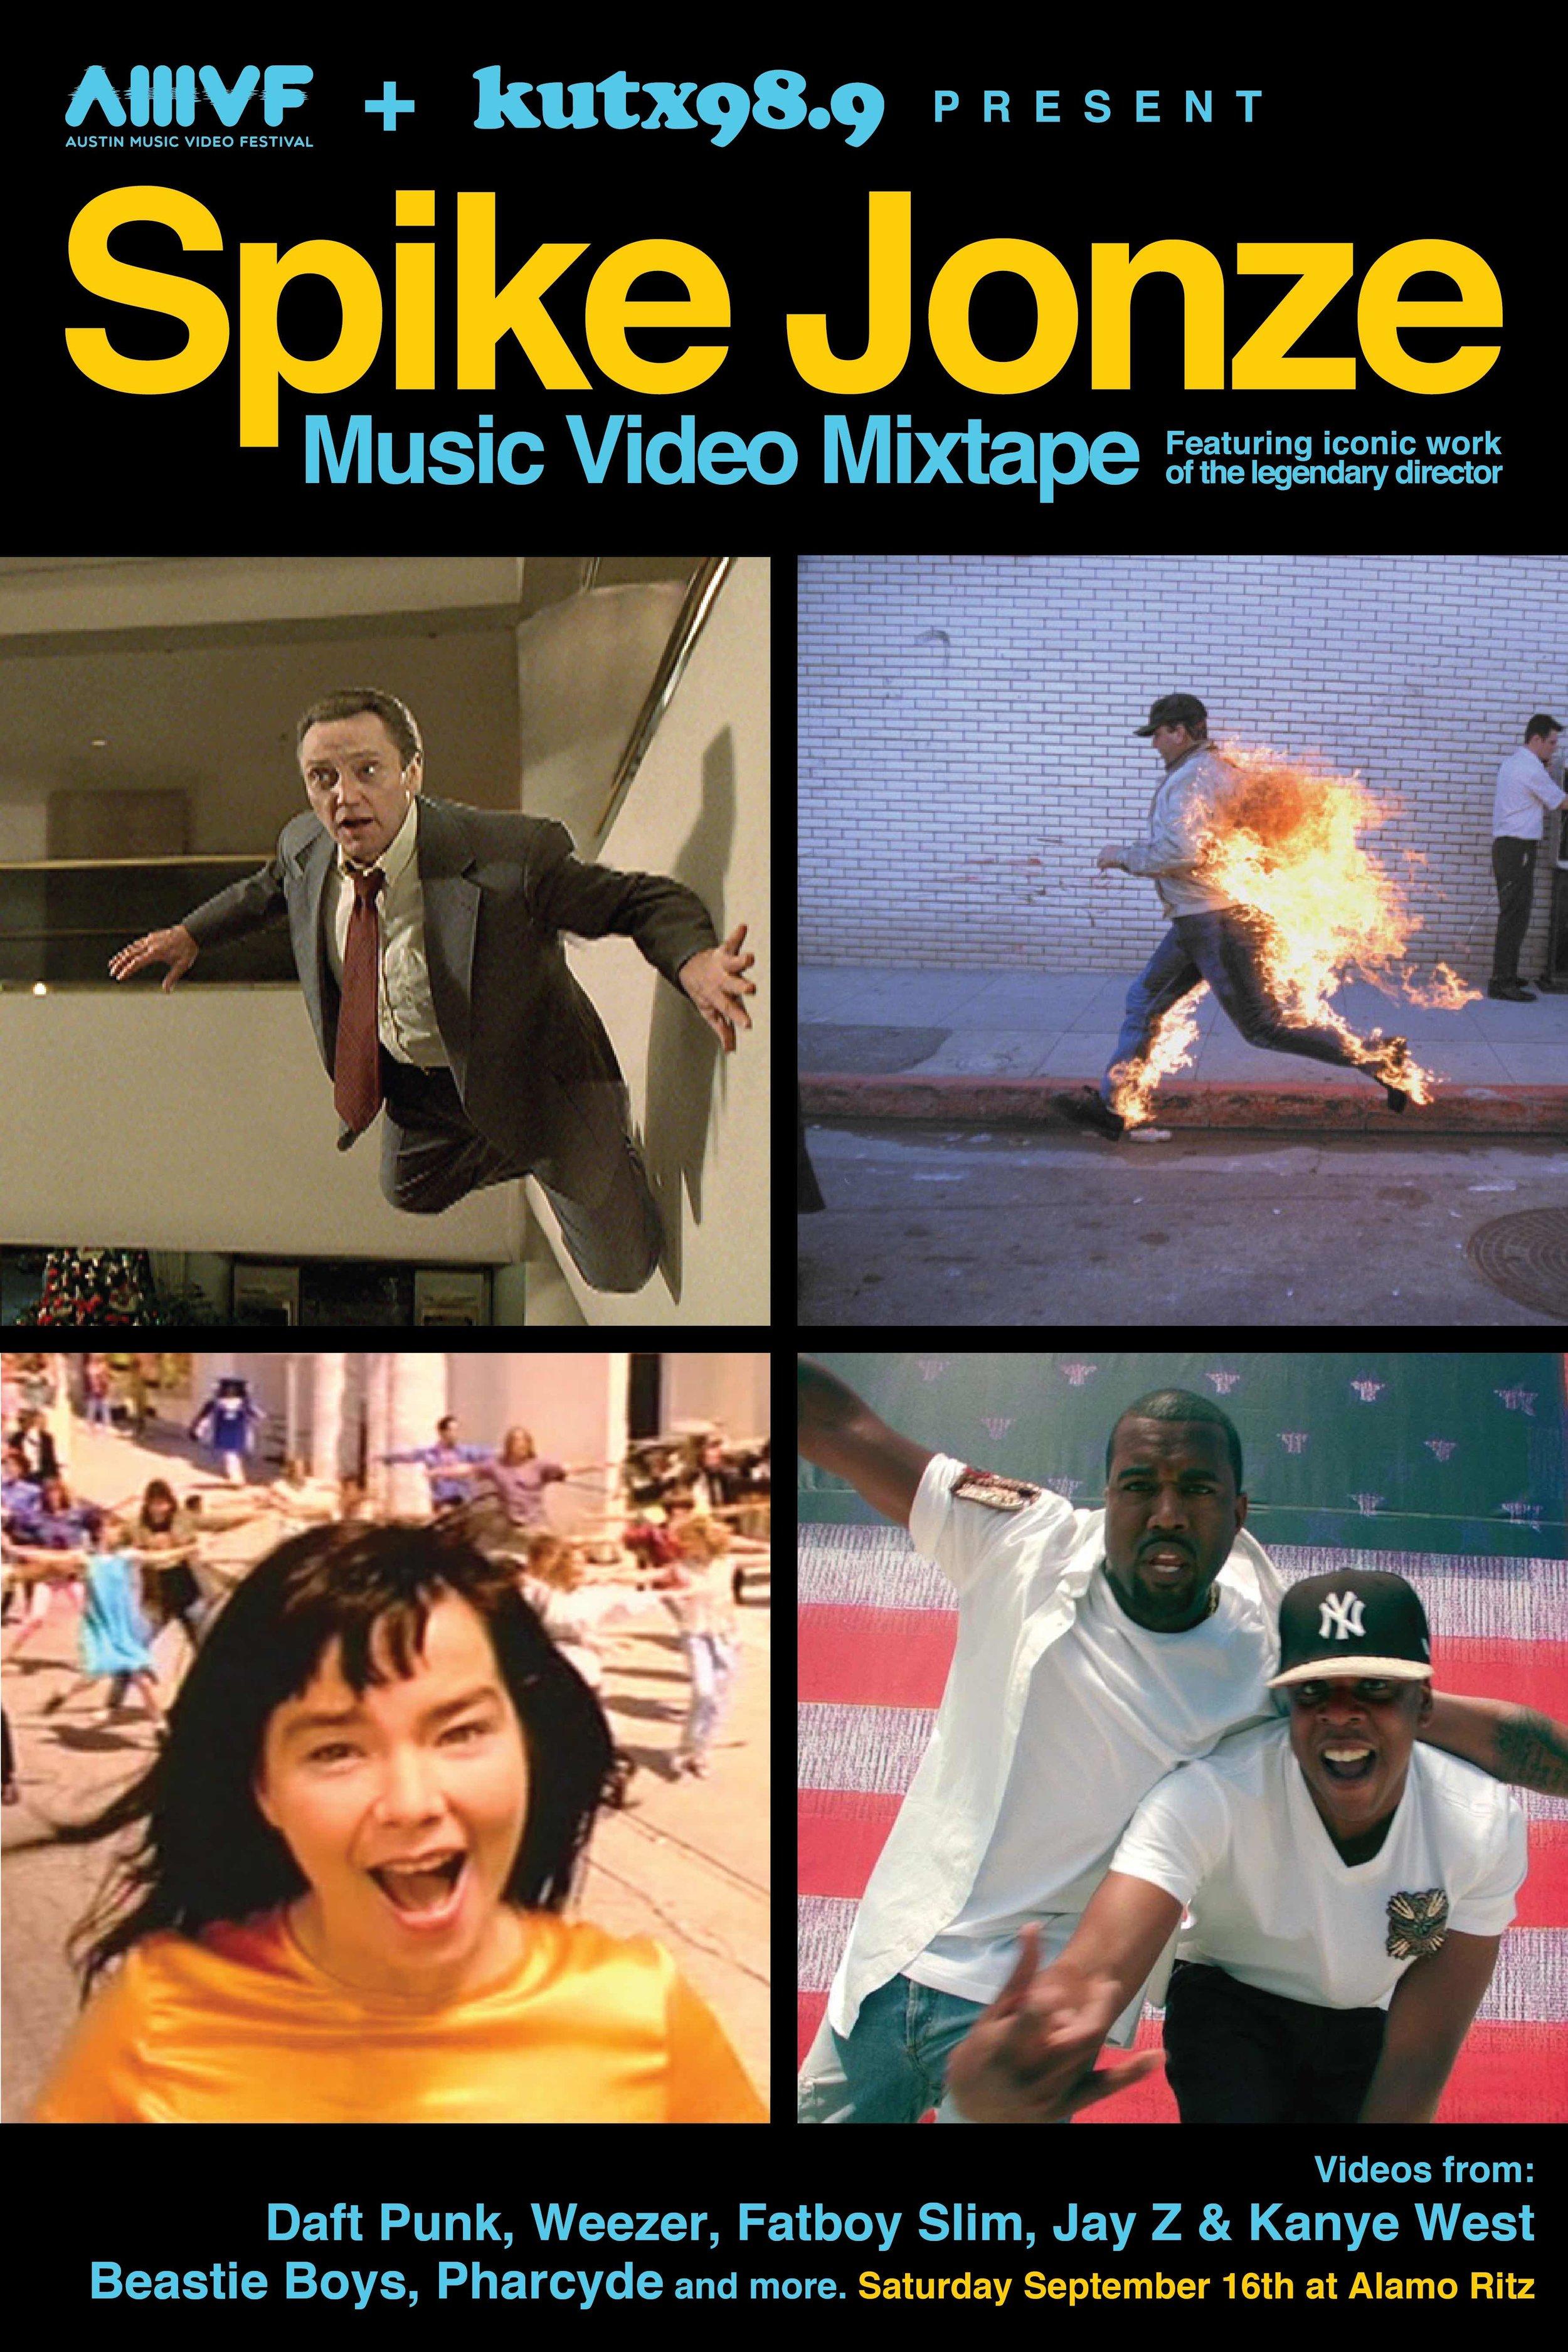 SPIKE JONZE MUSIC VIDEO MIXTAPE